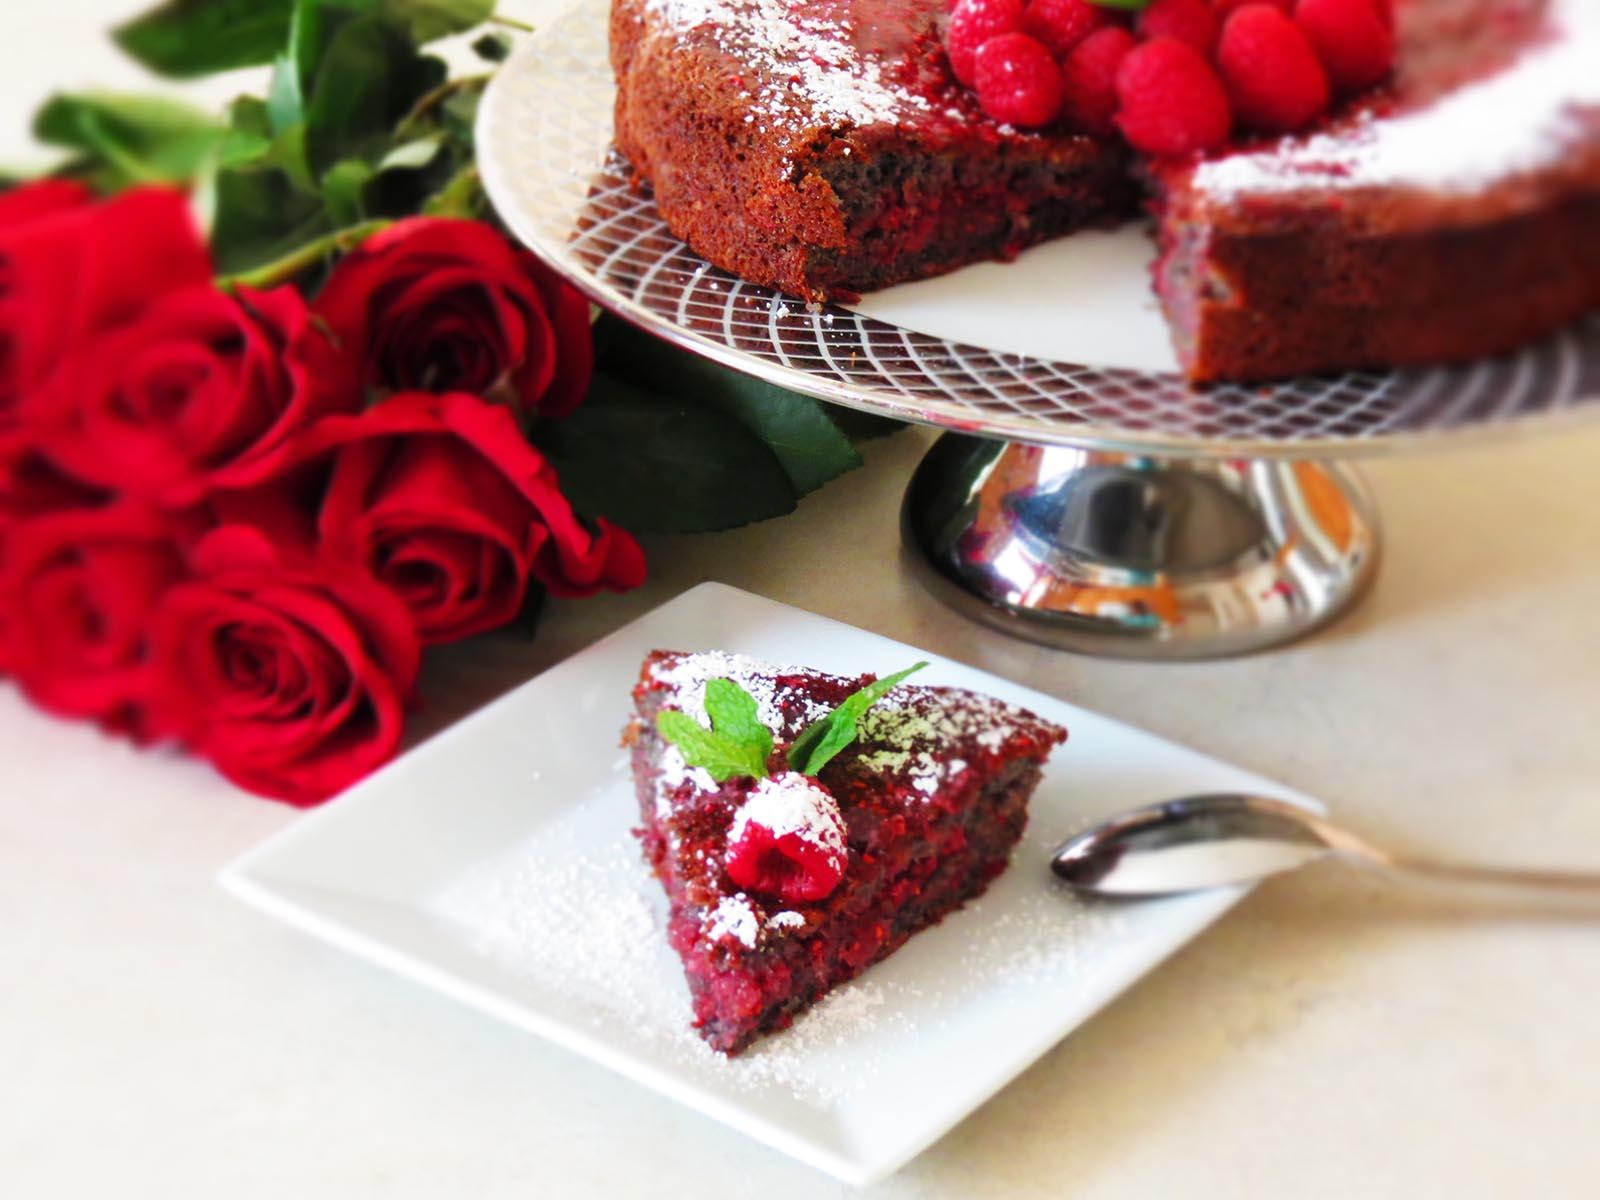 slice-of-cake-3